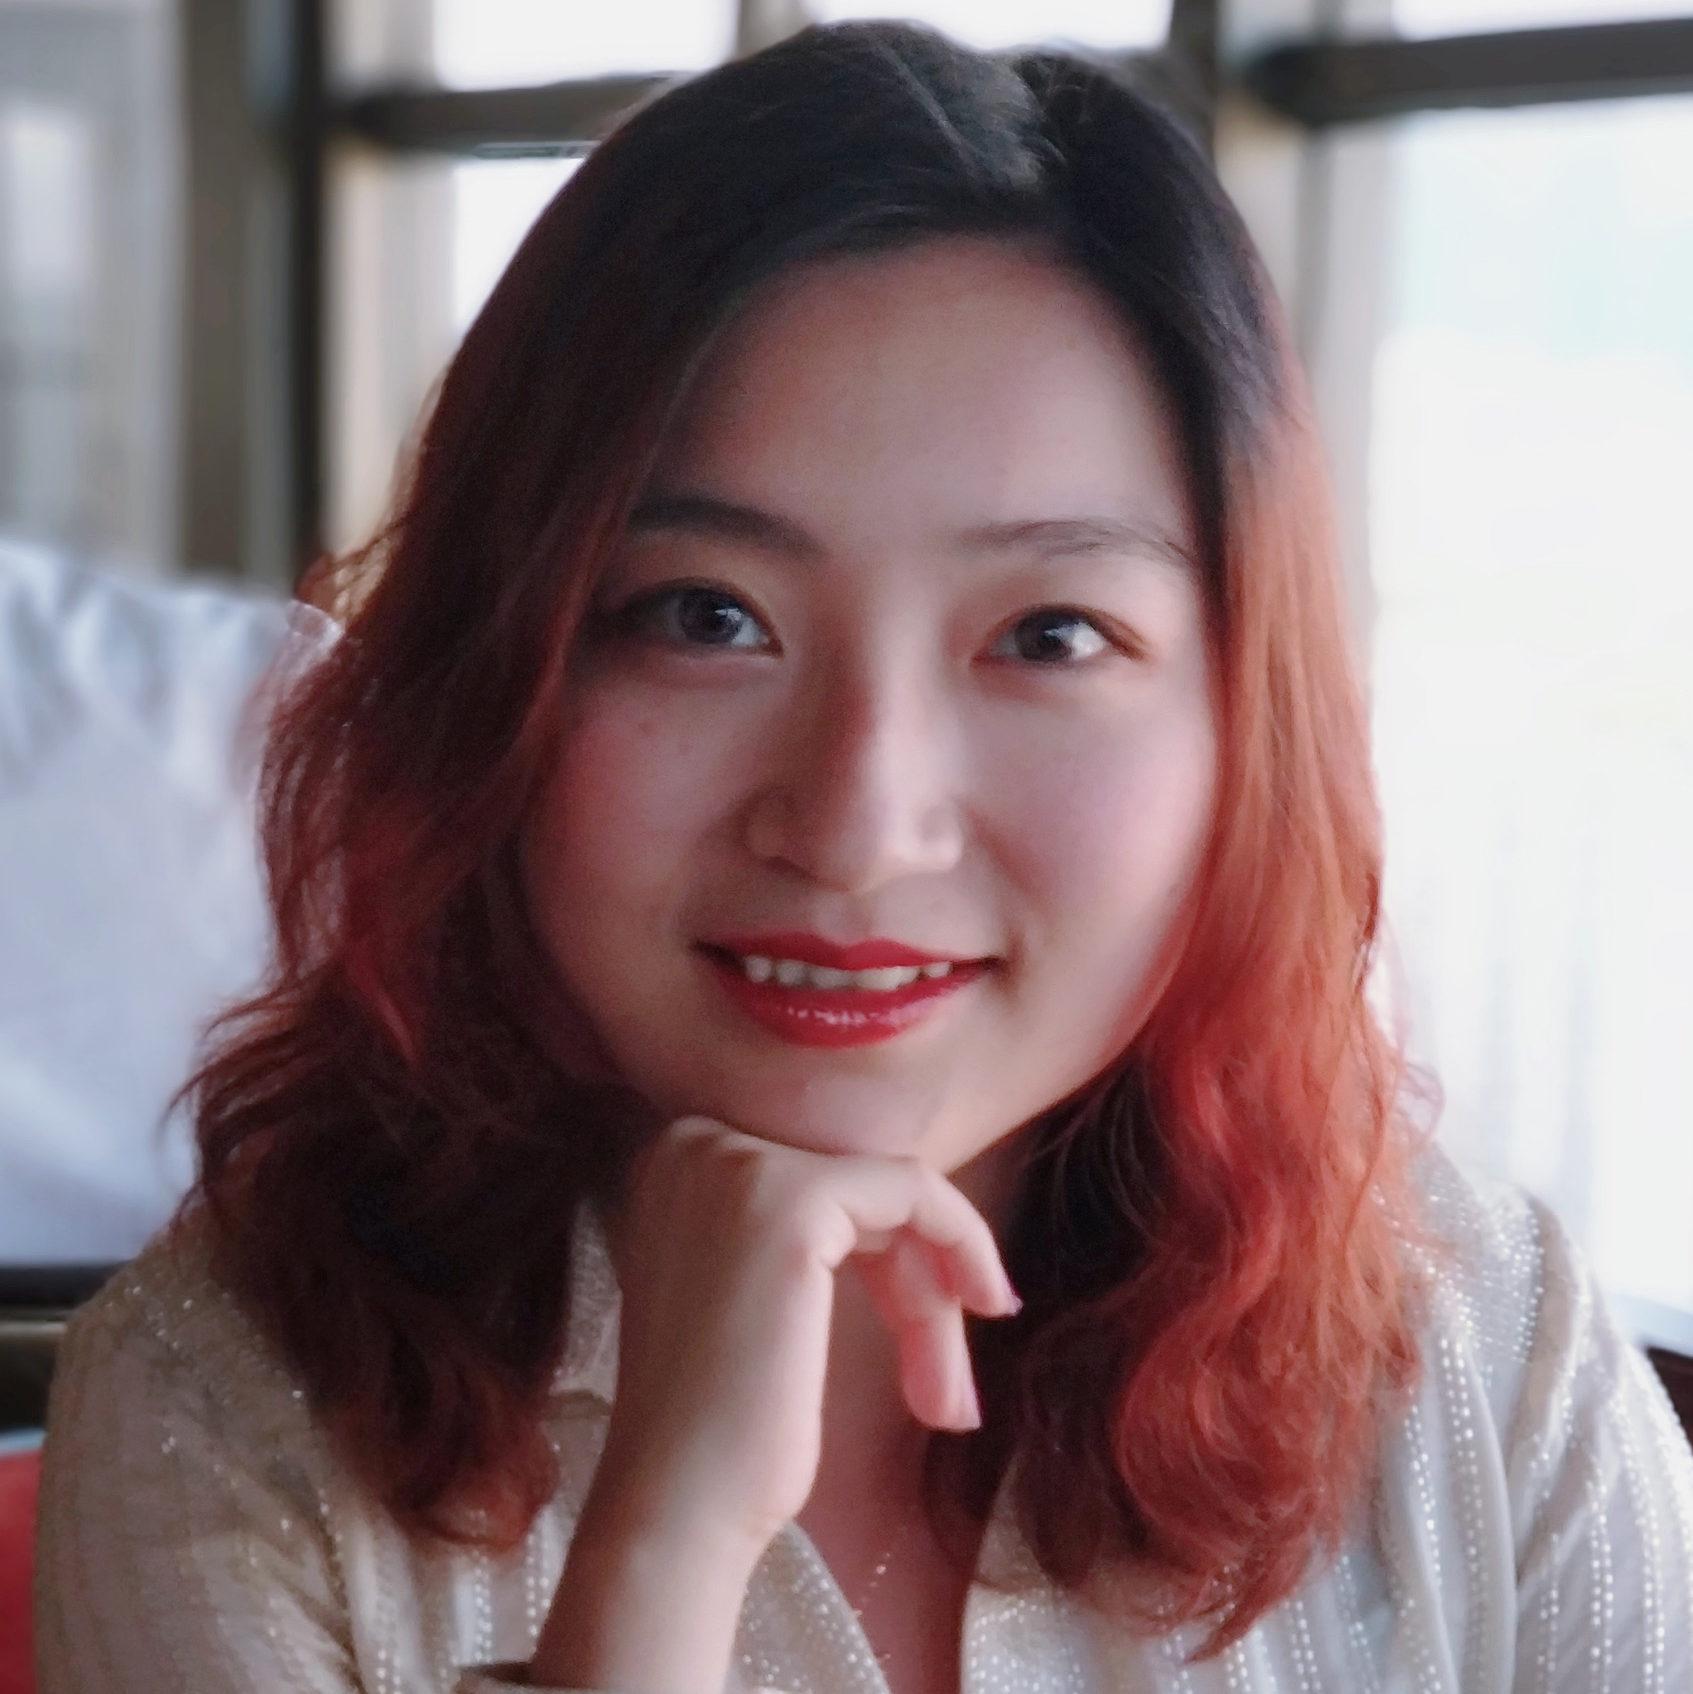 Yiying Zhang